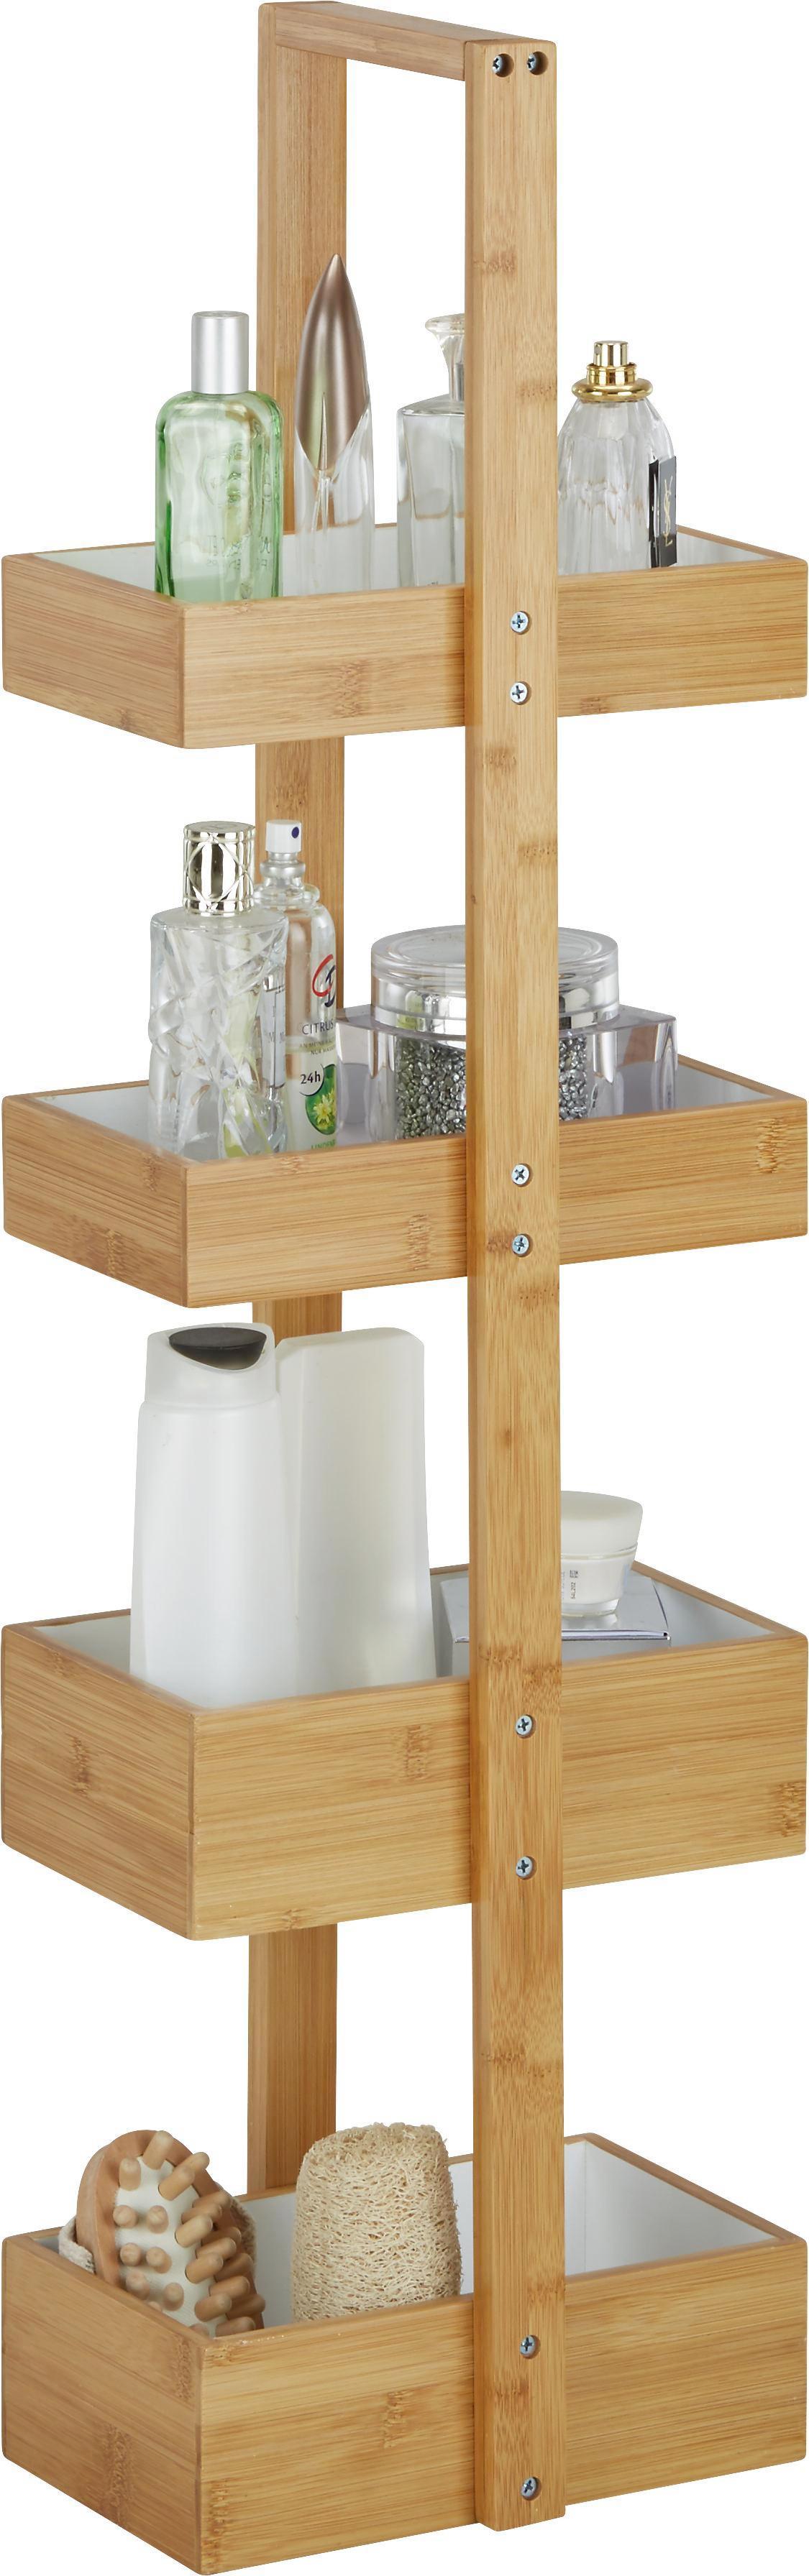 Standregal aus Bambus in Natur/Weiß - Naturfarben/Weiß, MODERN, Holz (25/88/18cm) - MÖMAX modern living